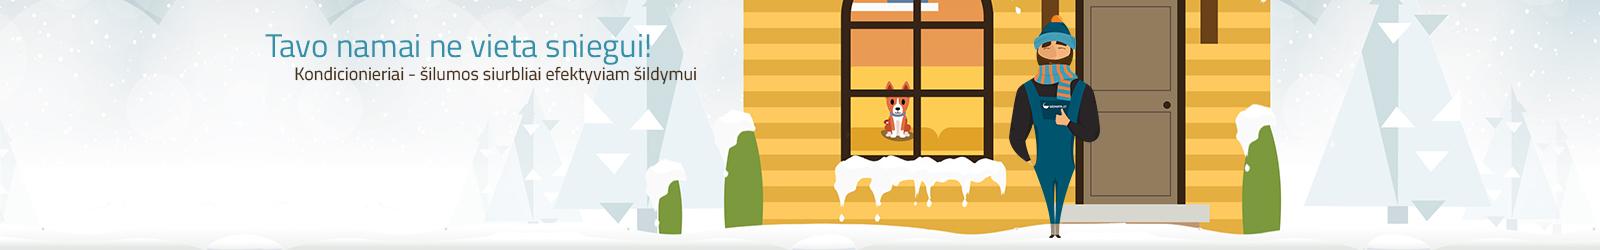 Tavo namai nevieta sniegui